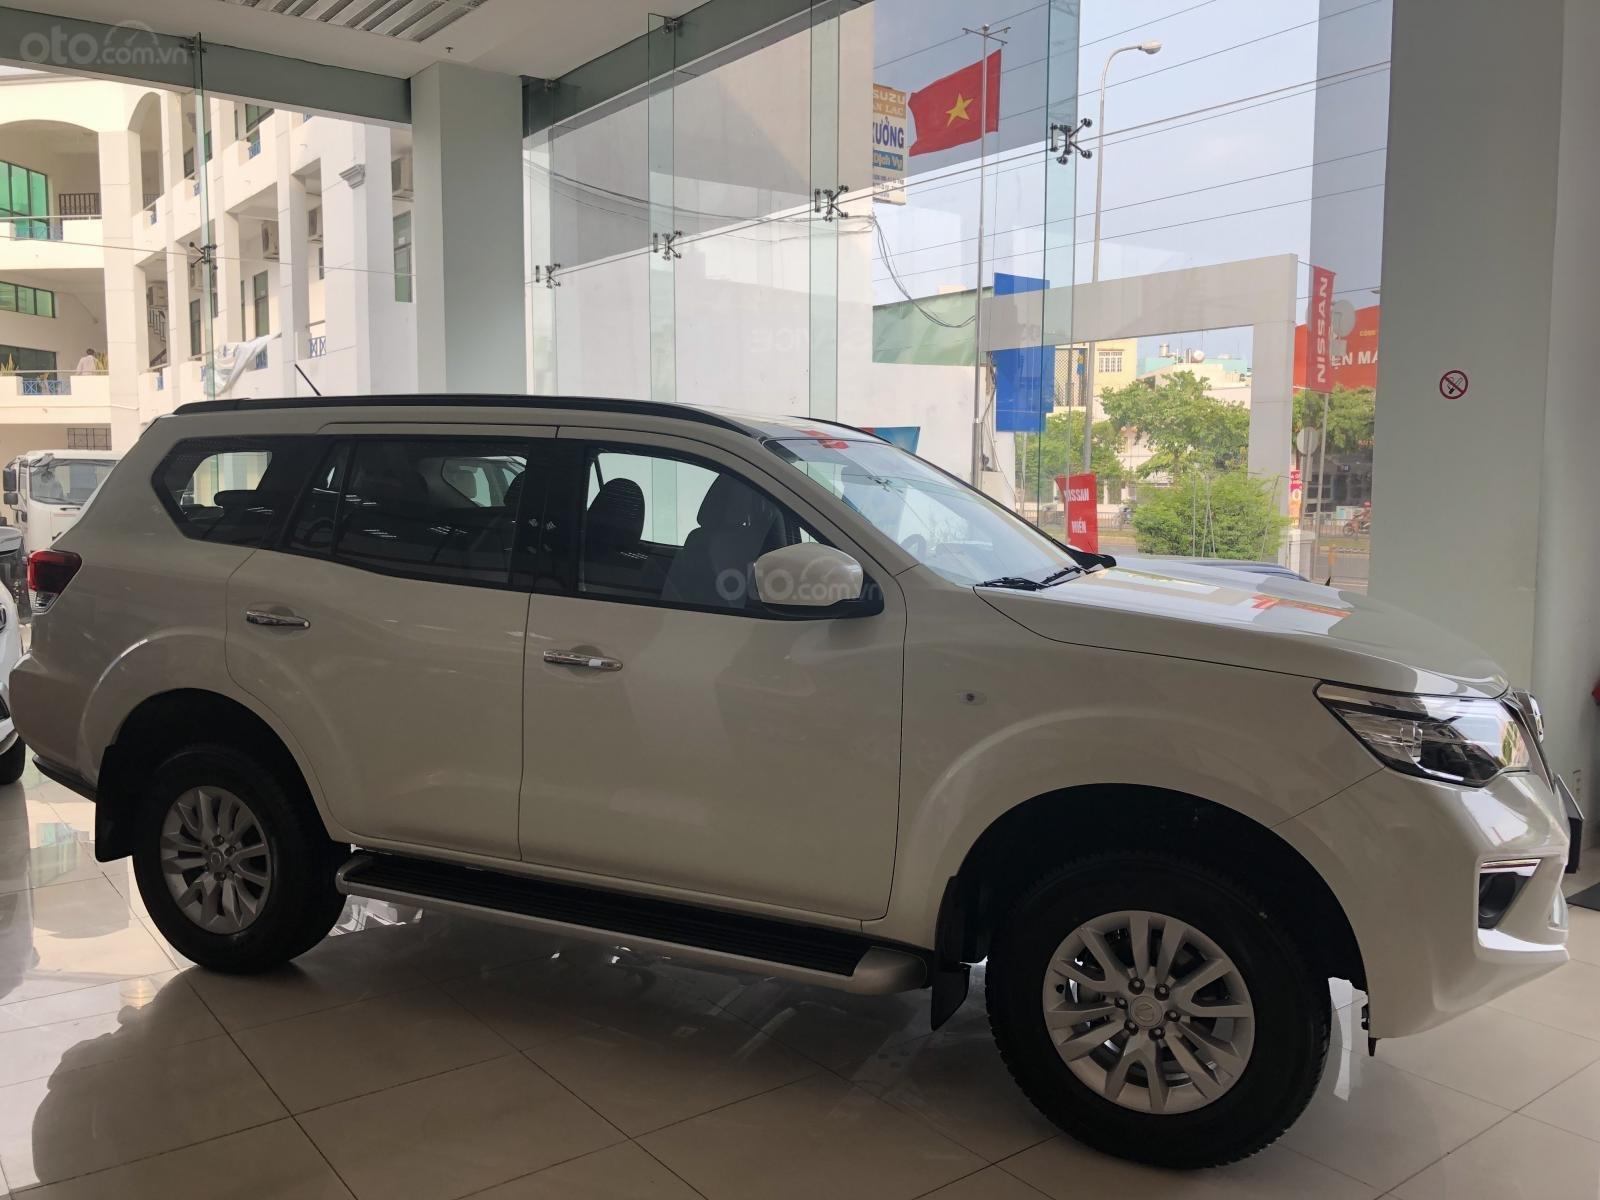 Cần bán Nissan Terra S sản xuất 2019, CTKM hấp dẫn, giao xe ngày, LH 0964218528-1